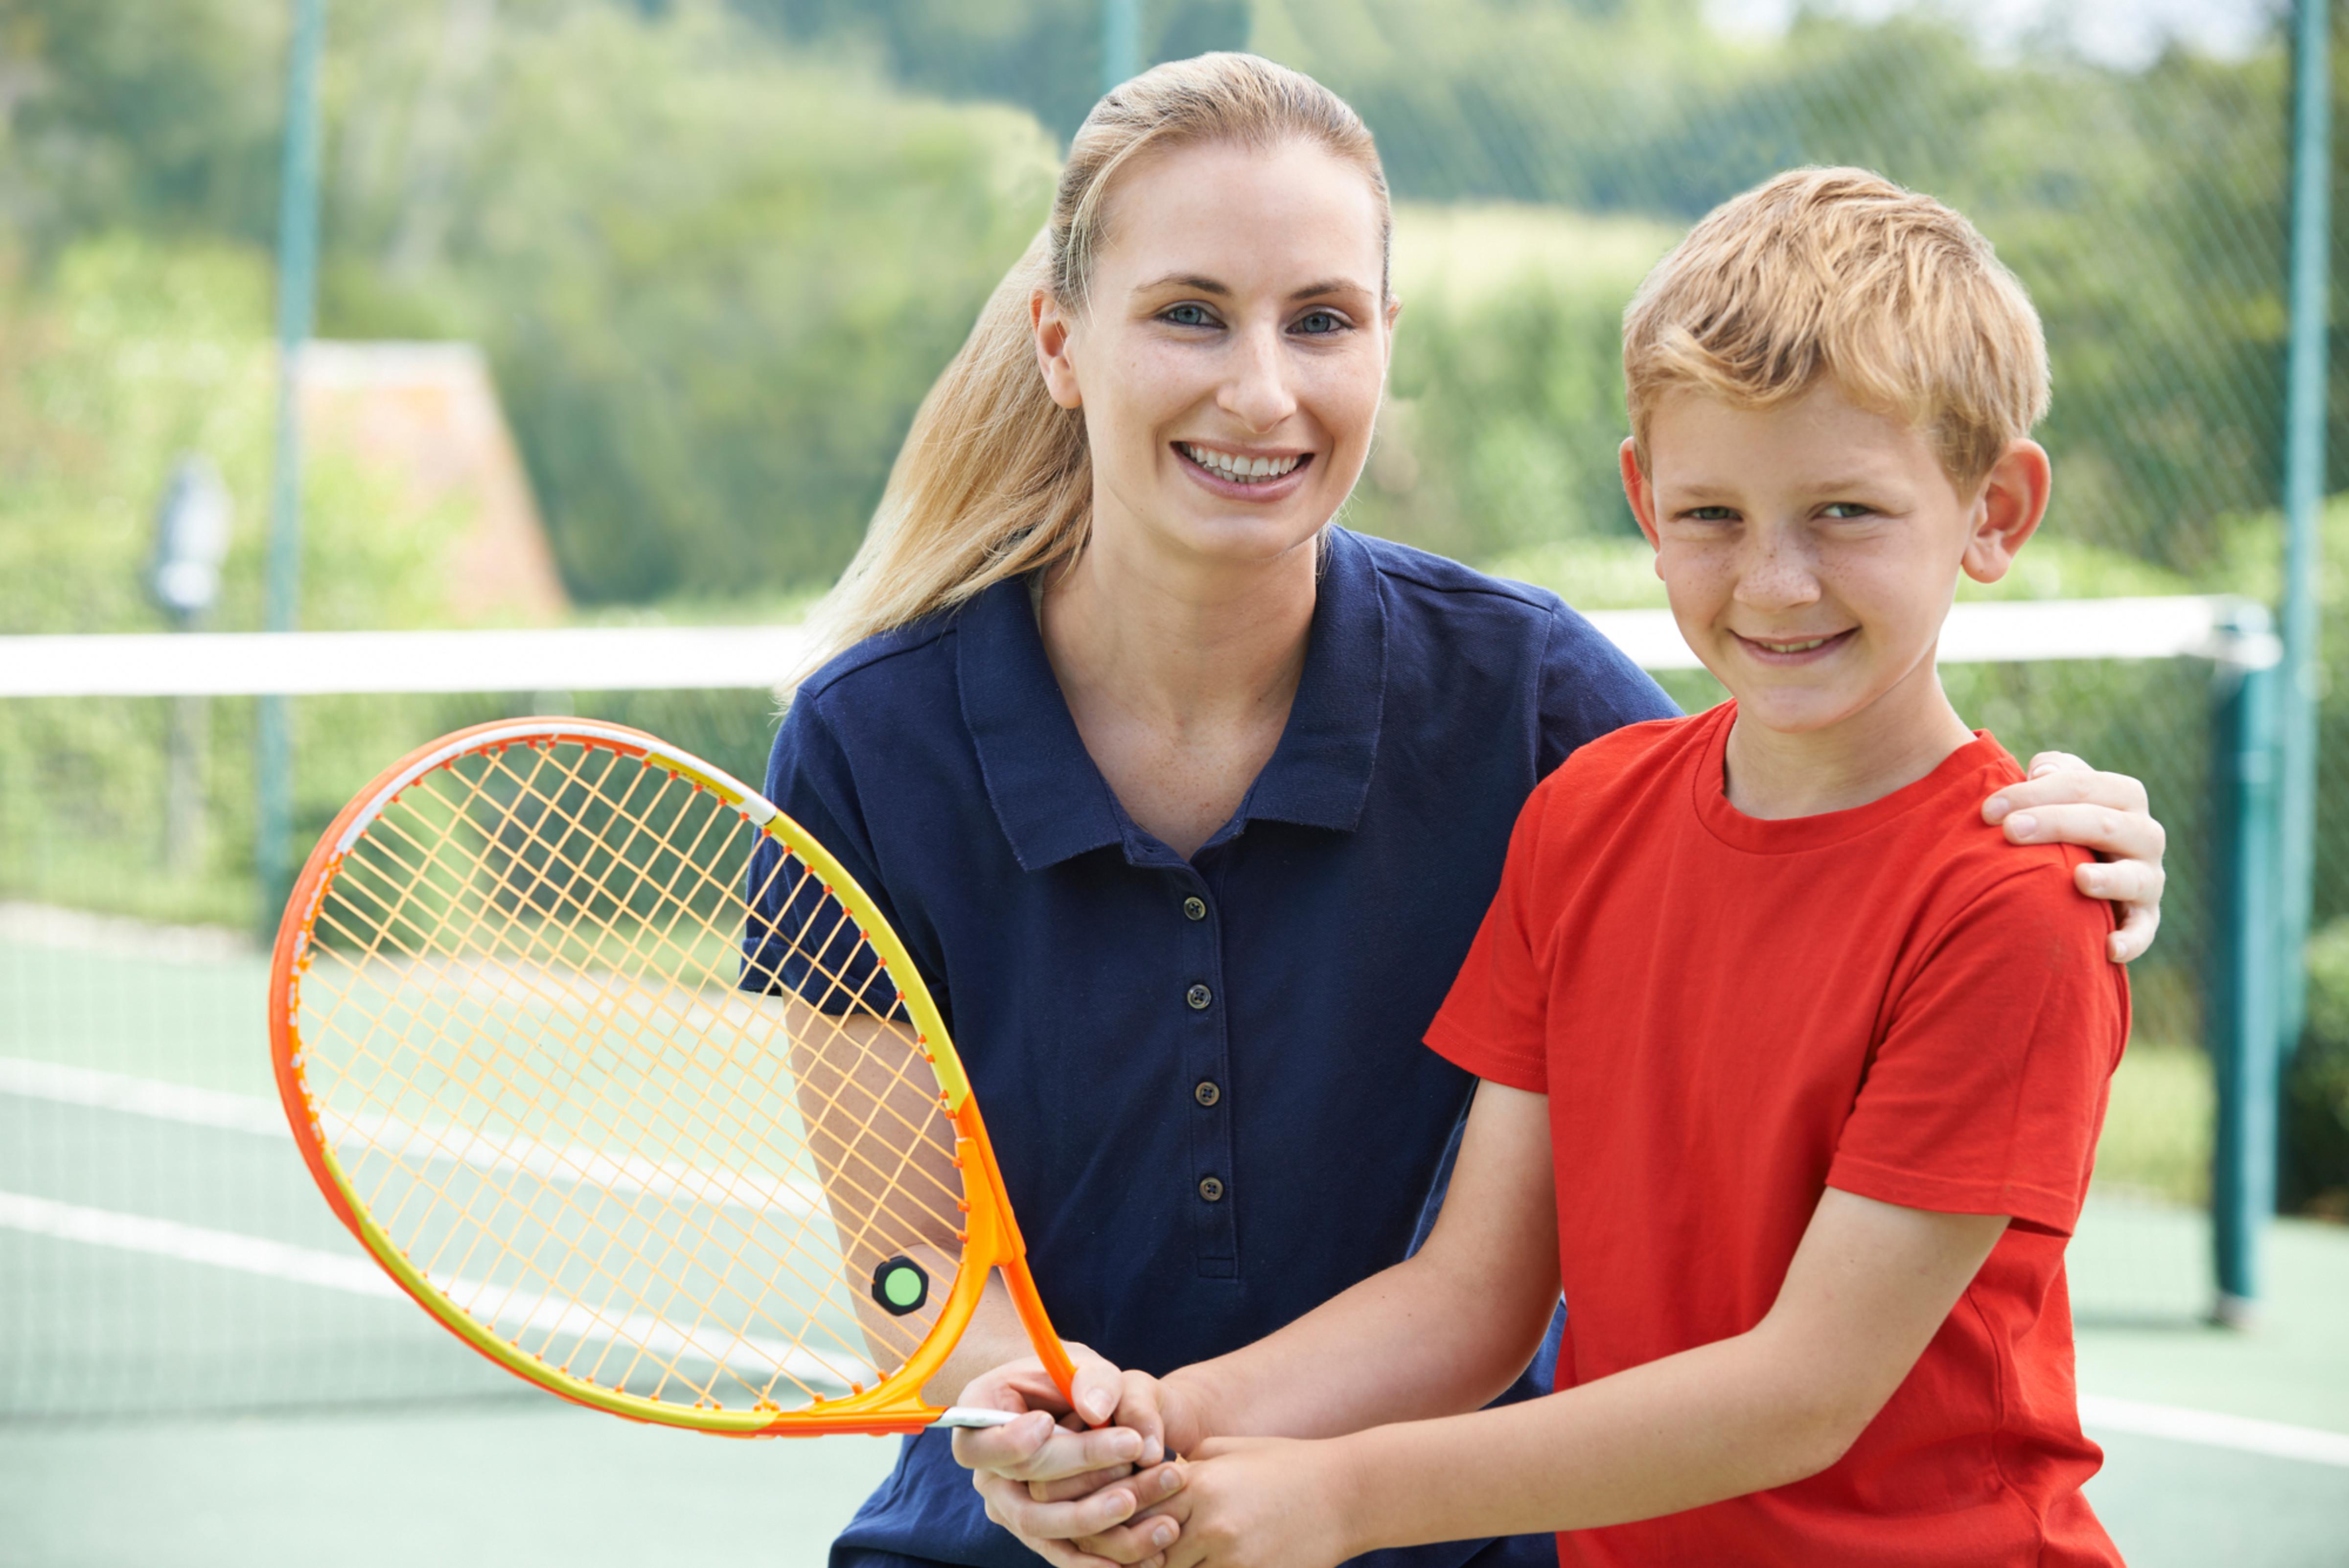 Cours Tennis enfant - 12 ans